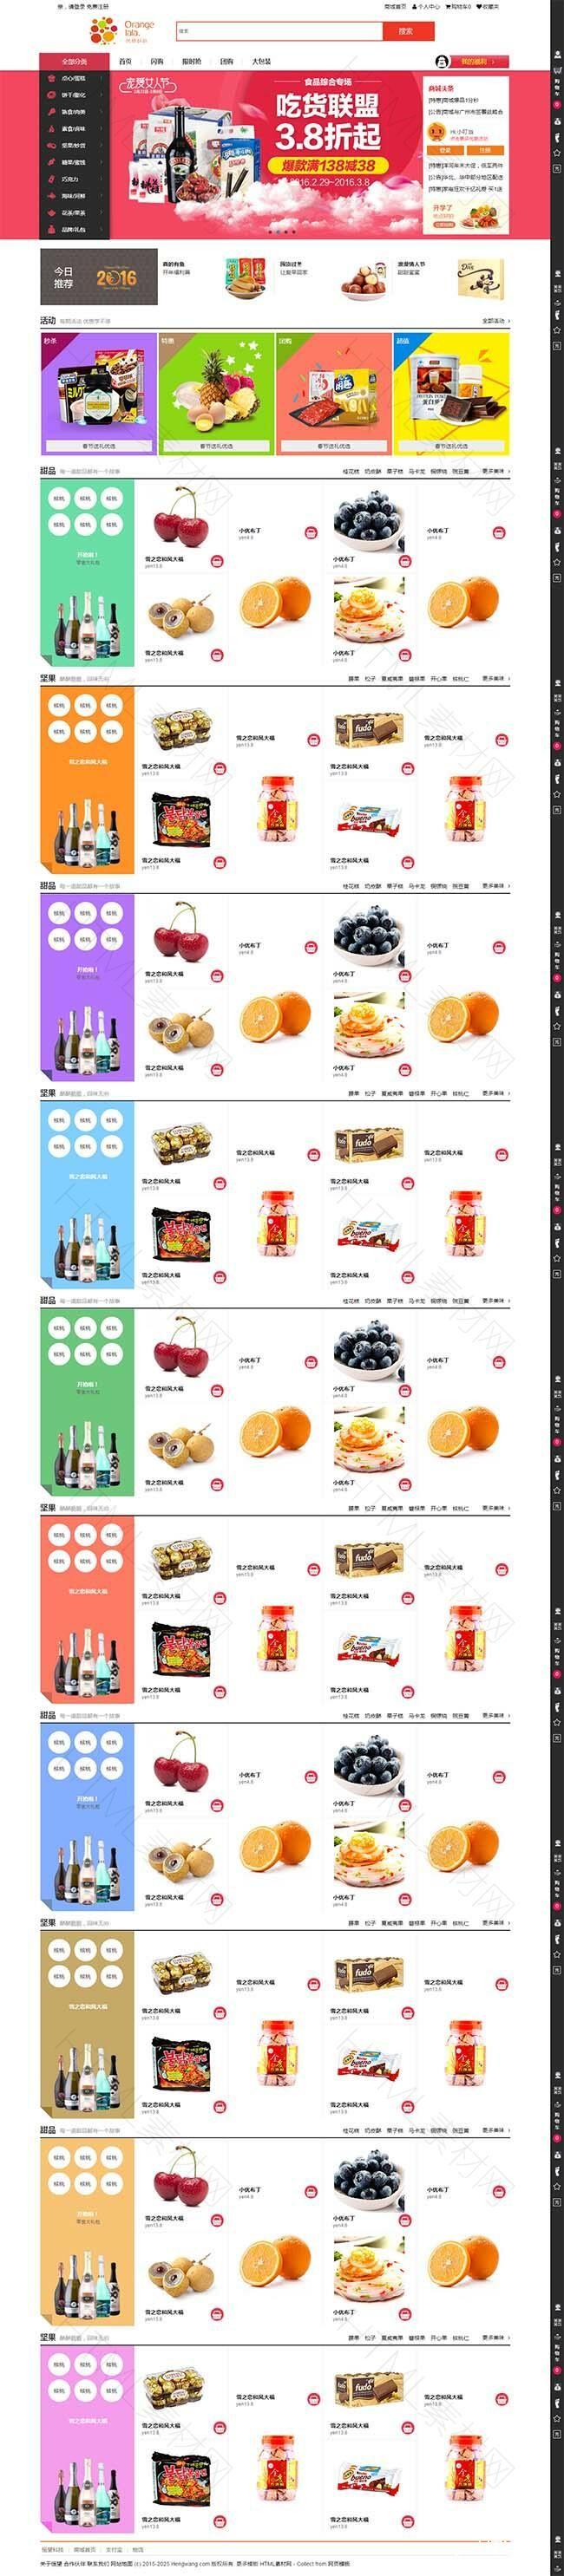 水果蔬菜商城网站电商模板下载.jpg